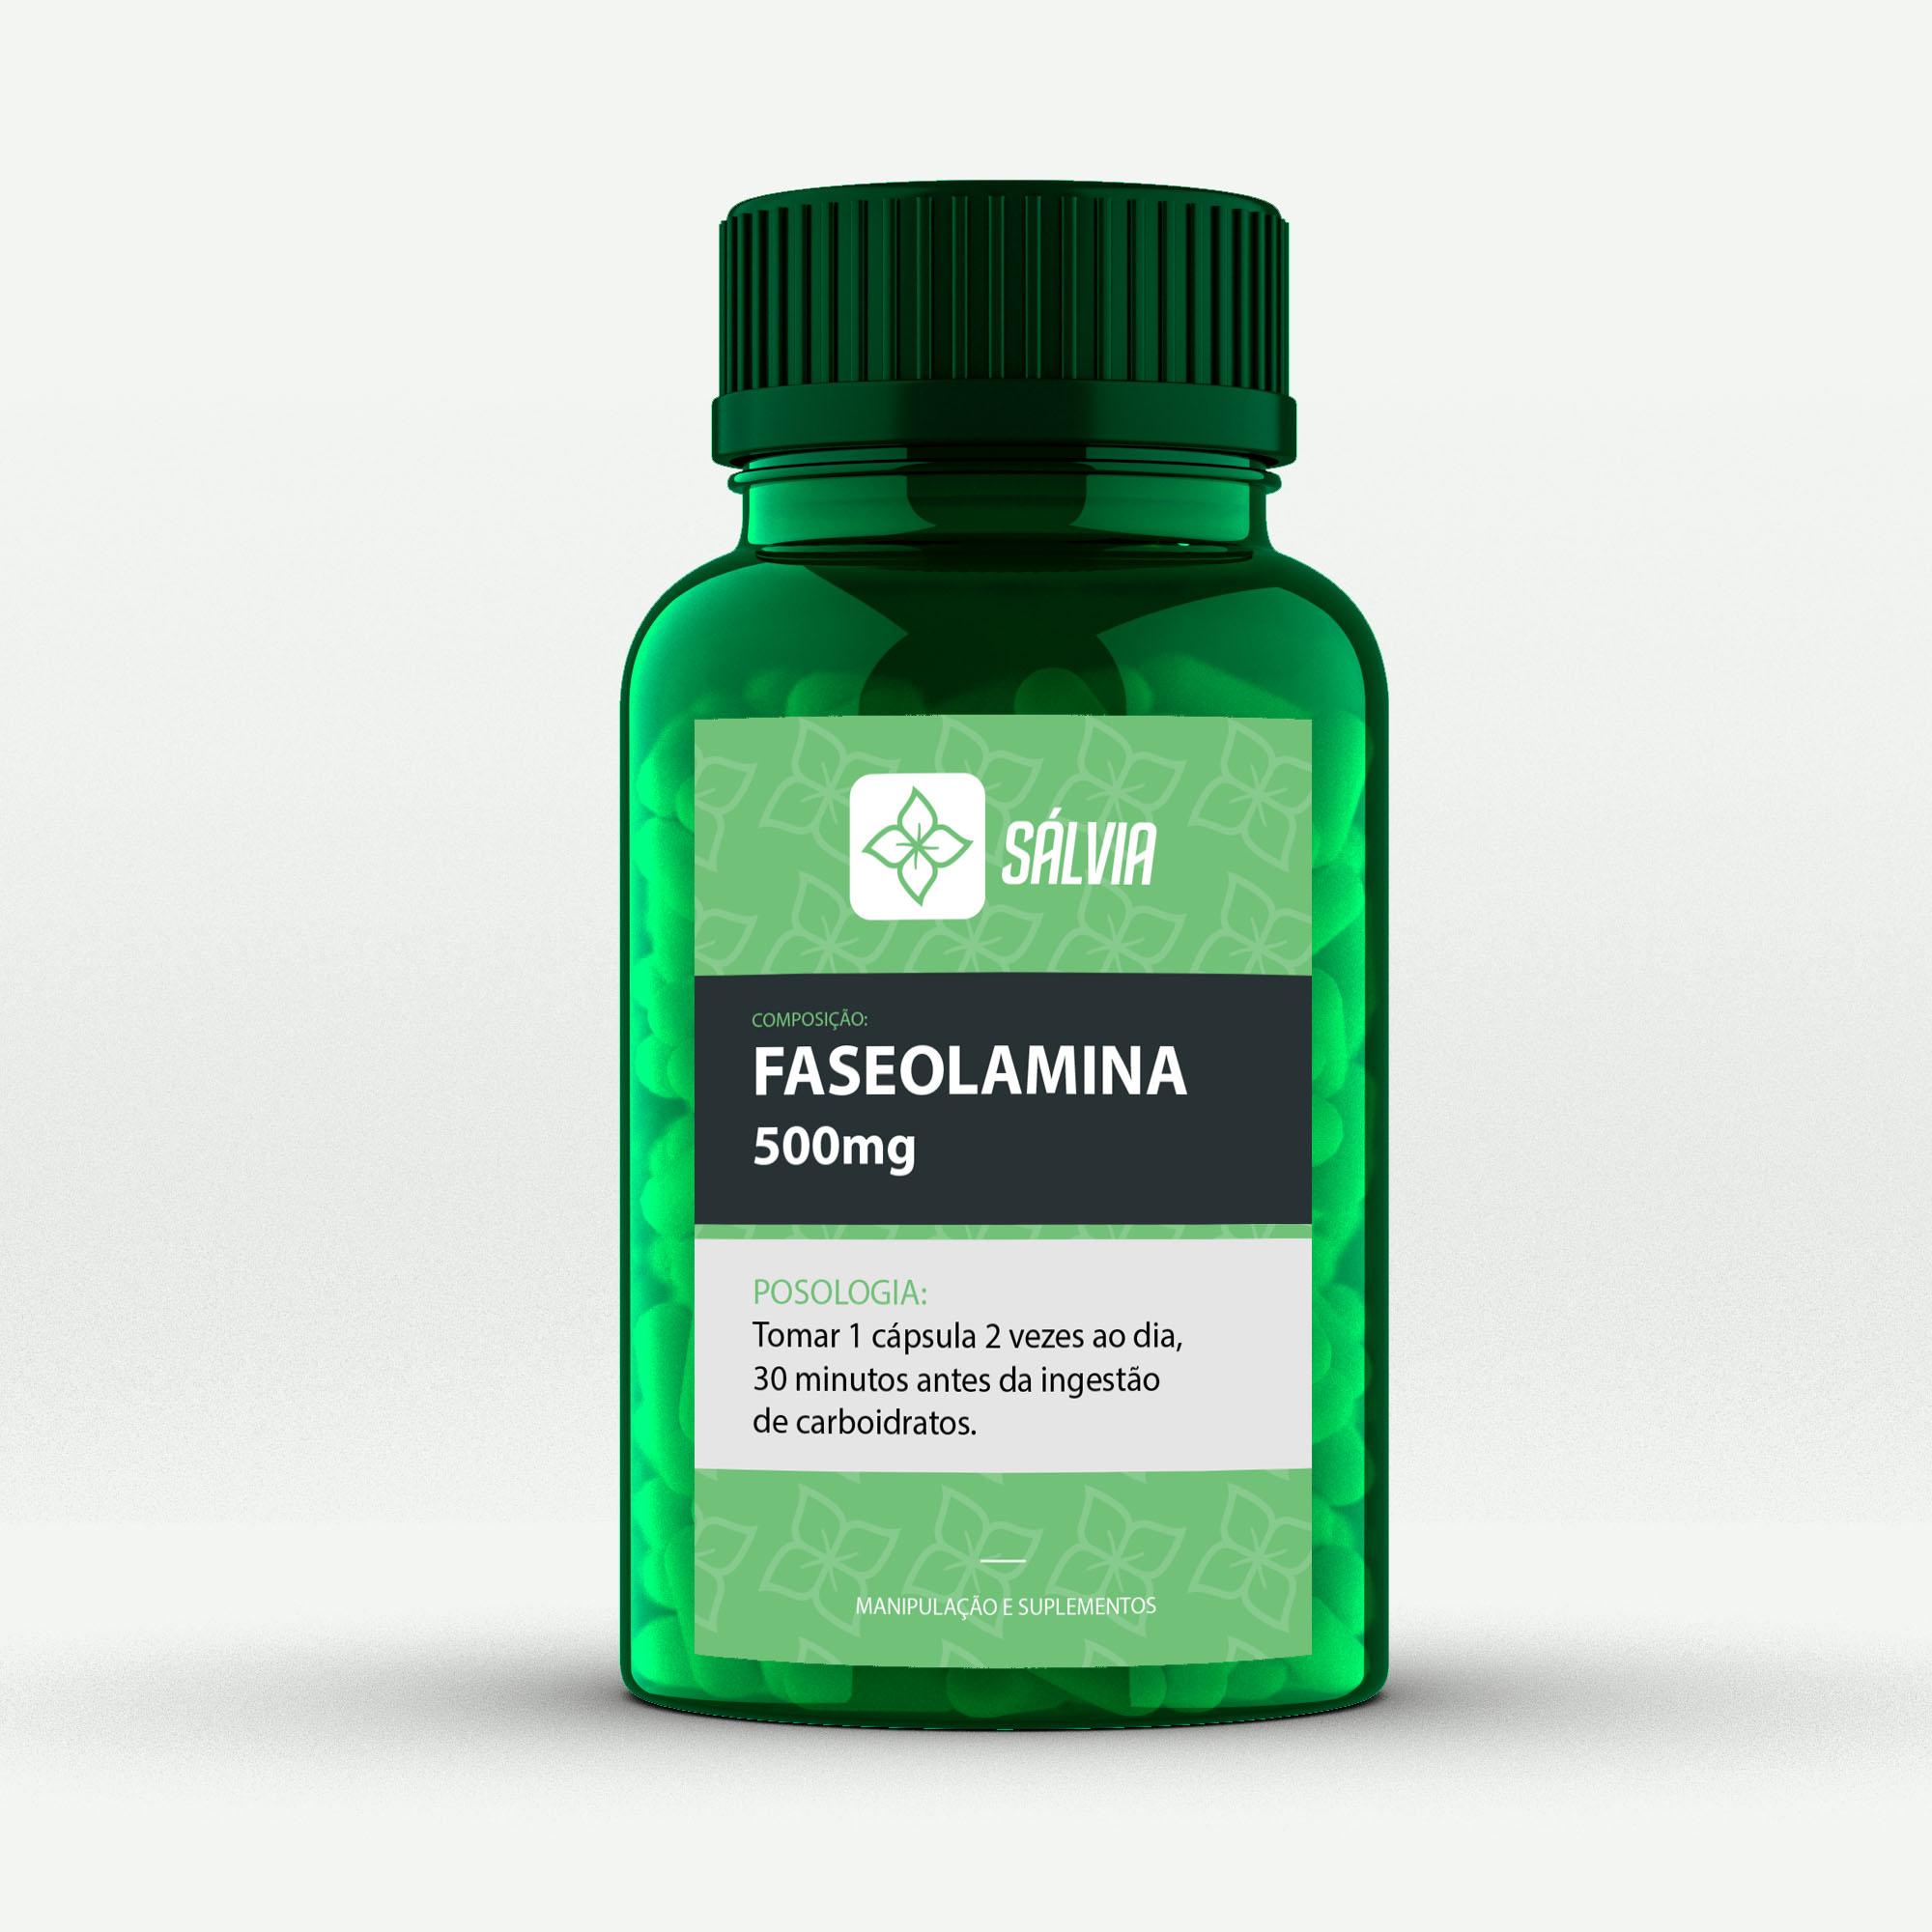 FASEOLAMINA 500mg - Cápsulas